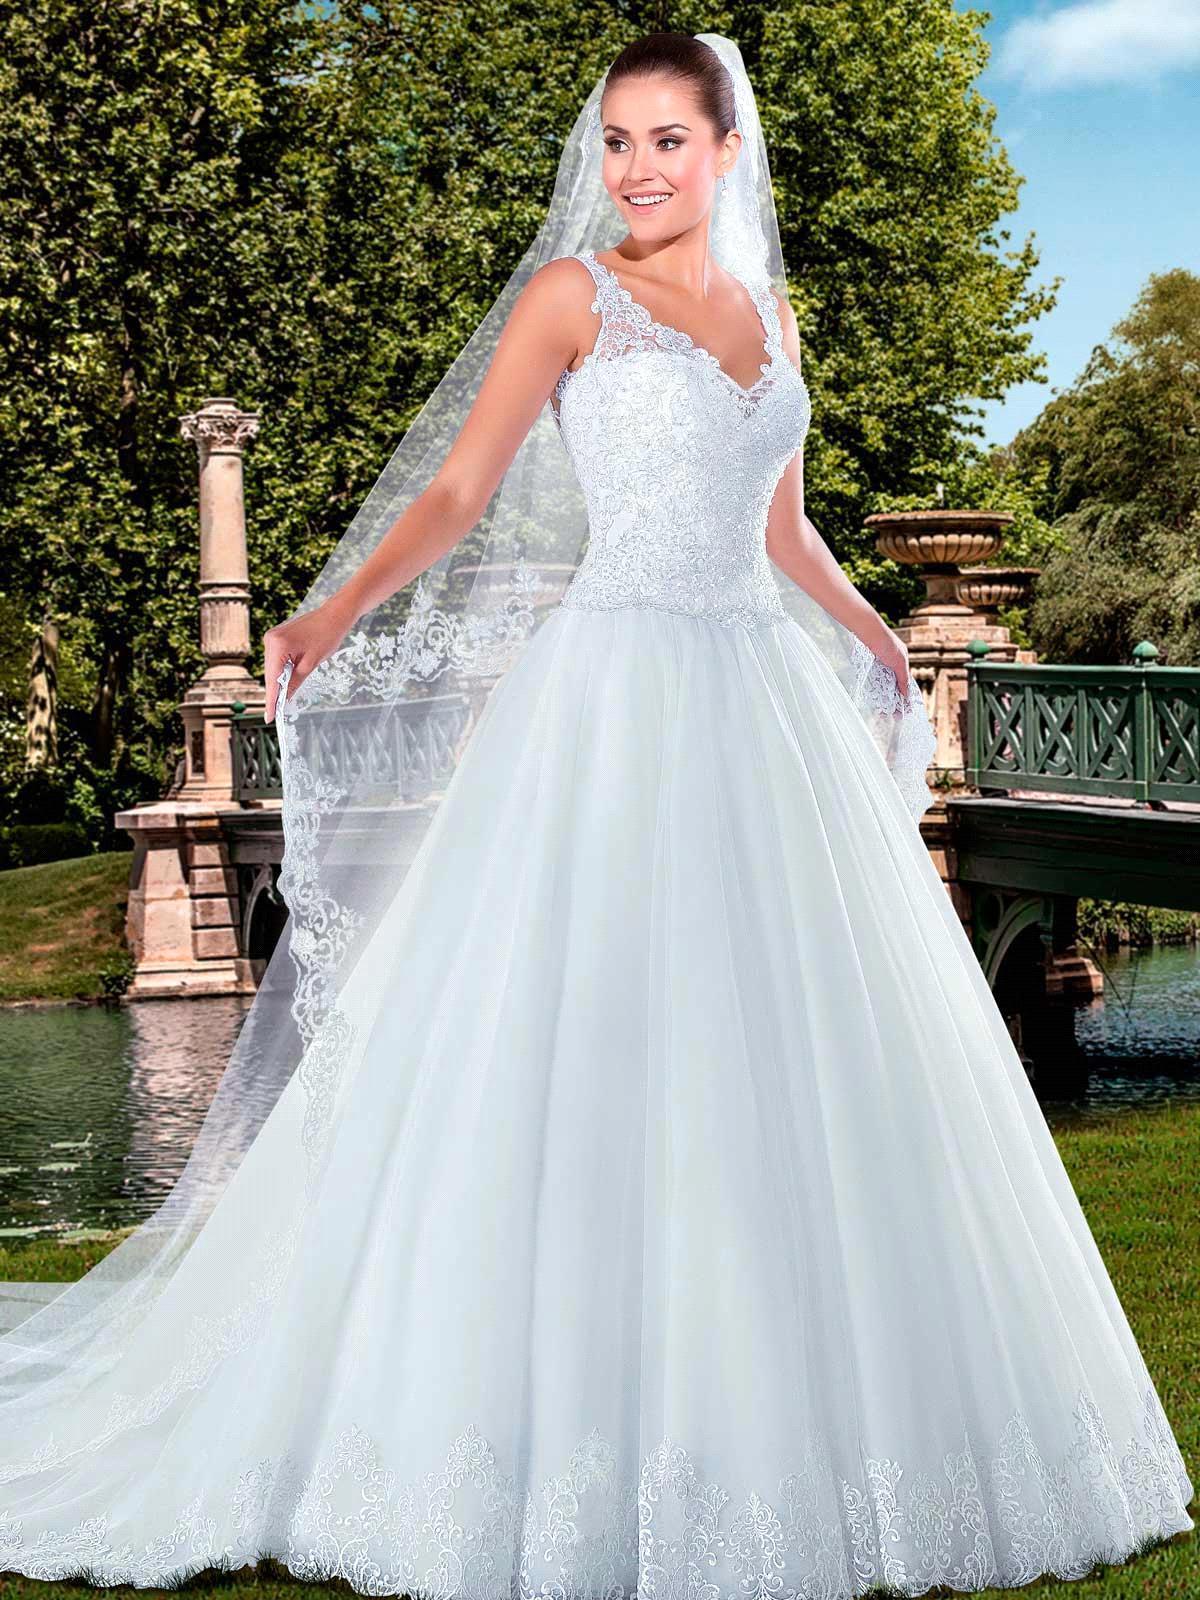 Aliexpress.com : Buy Robe De Mariage New Wedding Dresses 2016 A Line ...